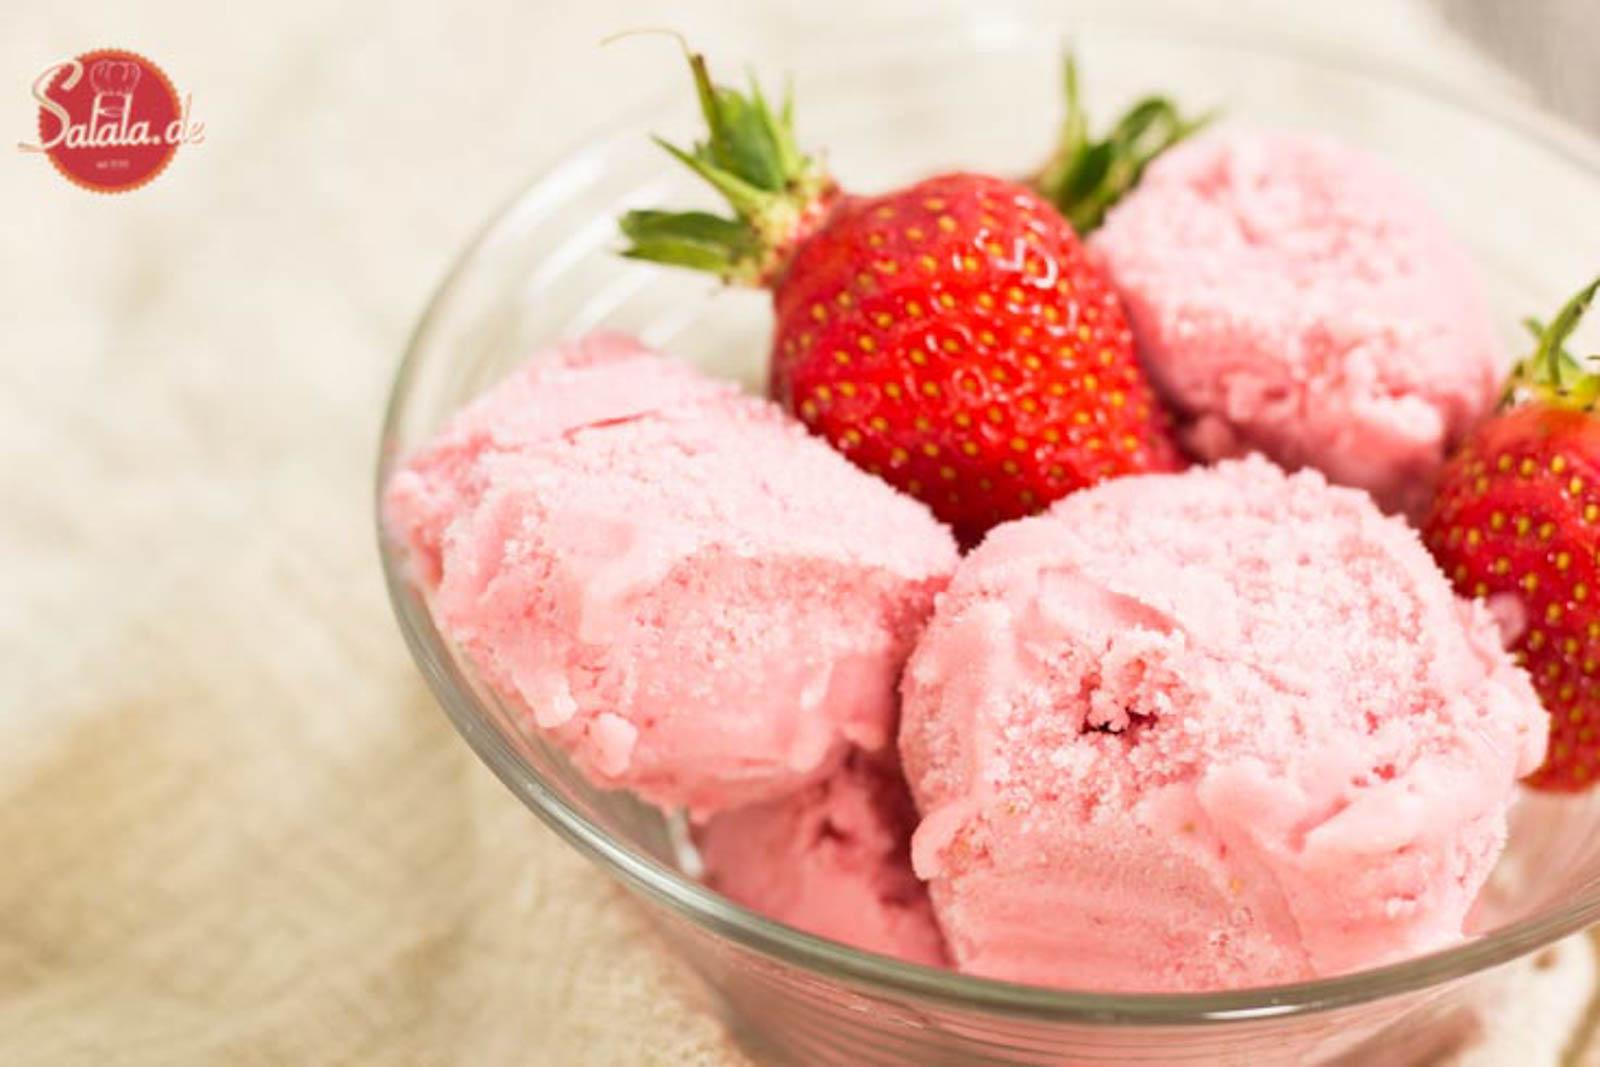 Erdbeereis selber machen ohne Zucker - by salala.de - Low Carb Rezept mit Eismaschine und mit echten Erdbeeren